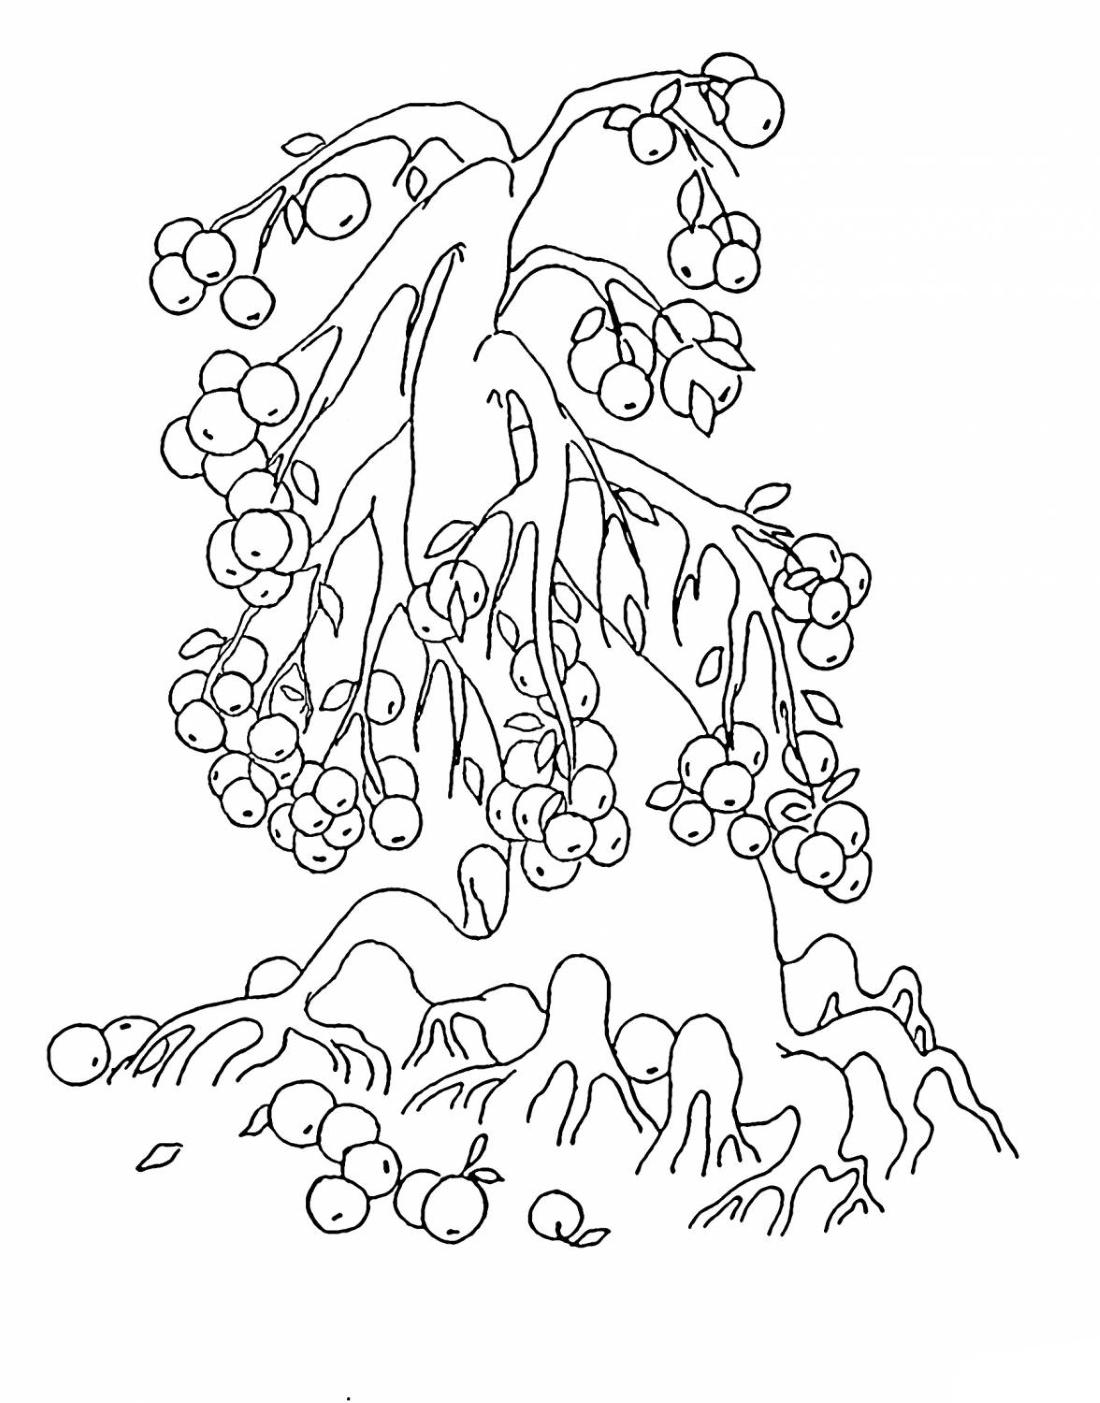 Много яблок на дереве - раскраска №11400 | Printonic.ru